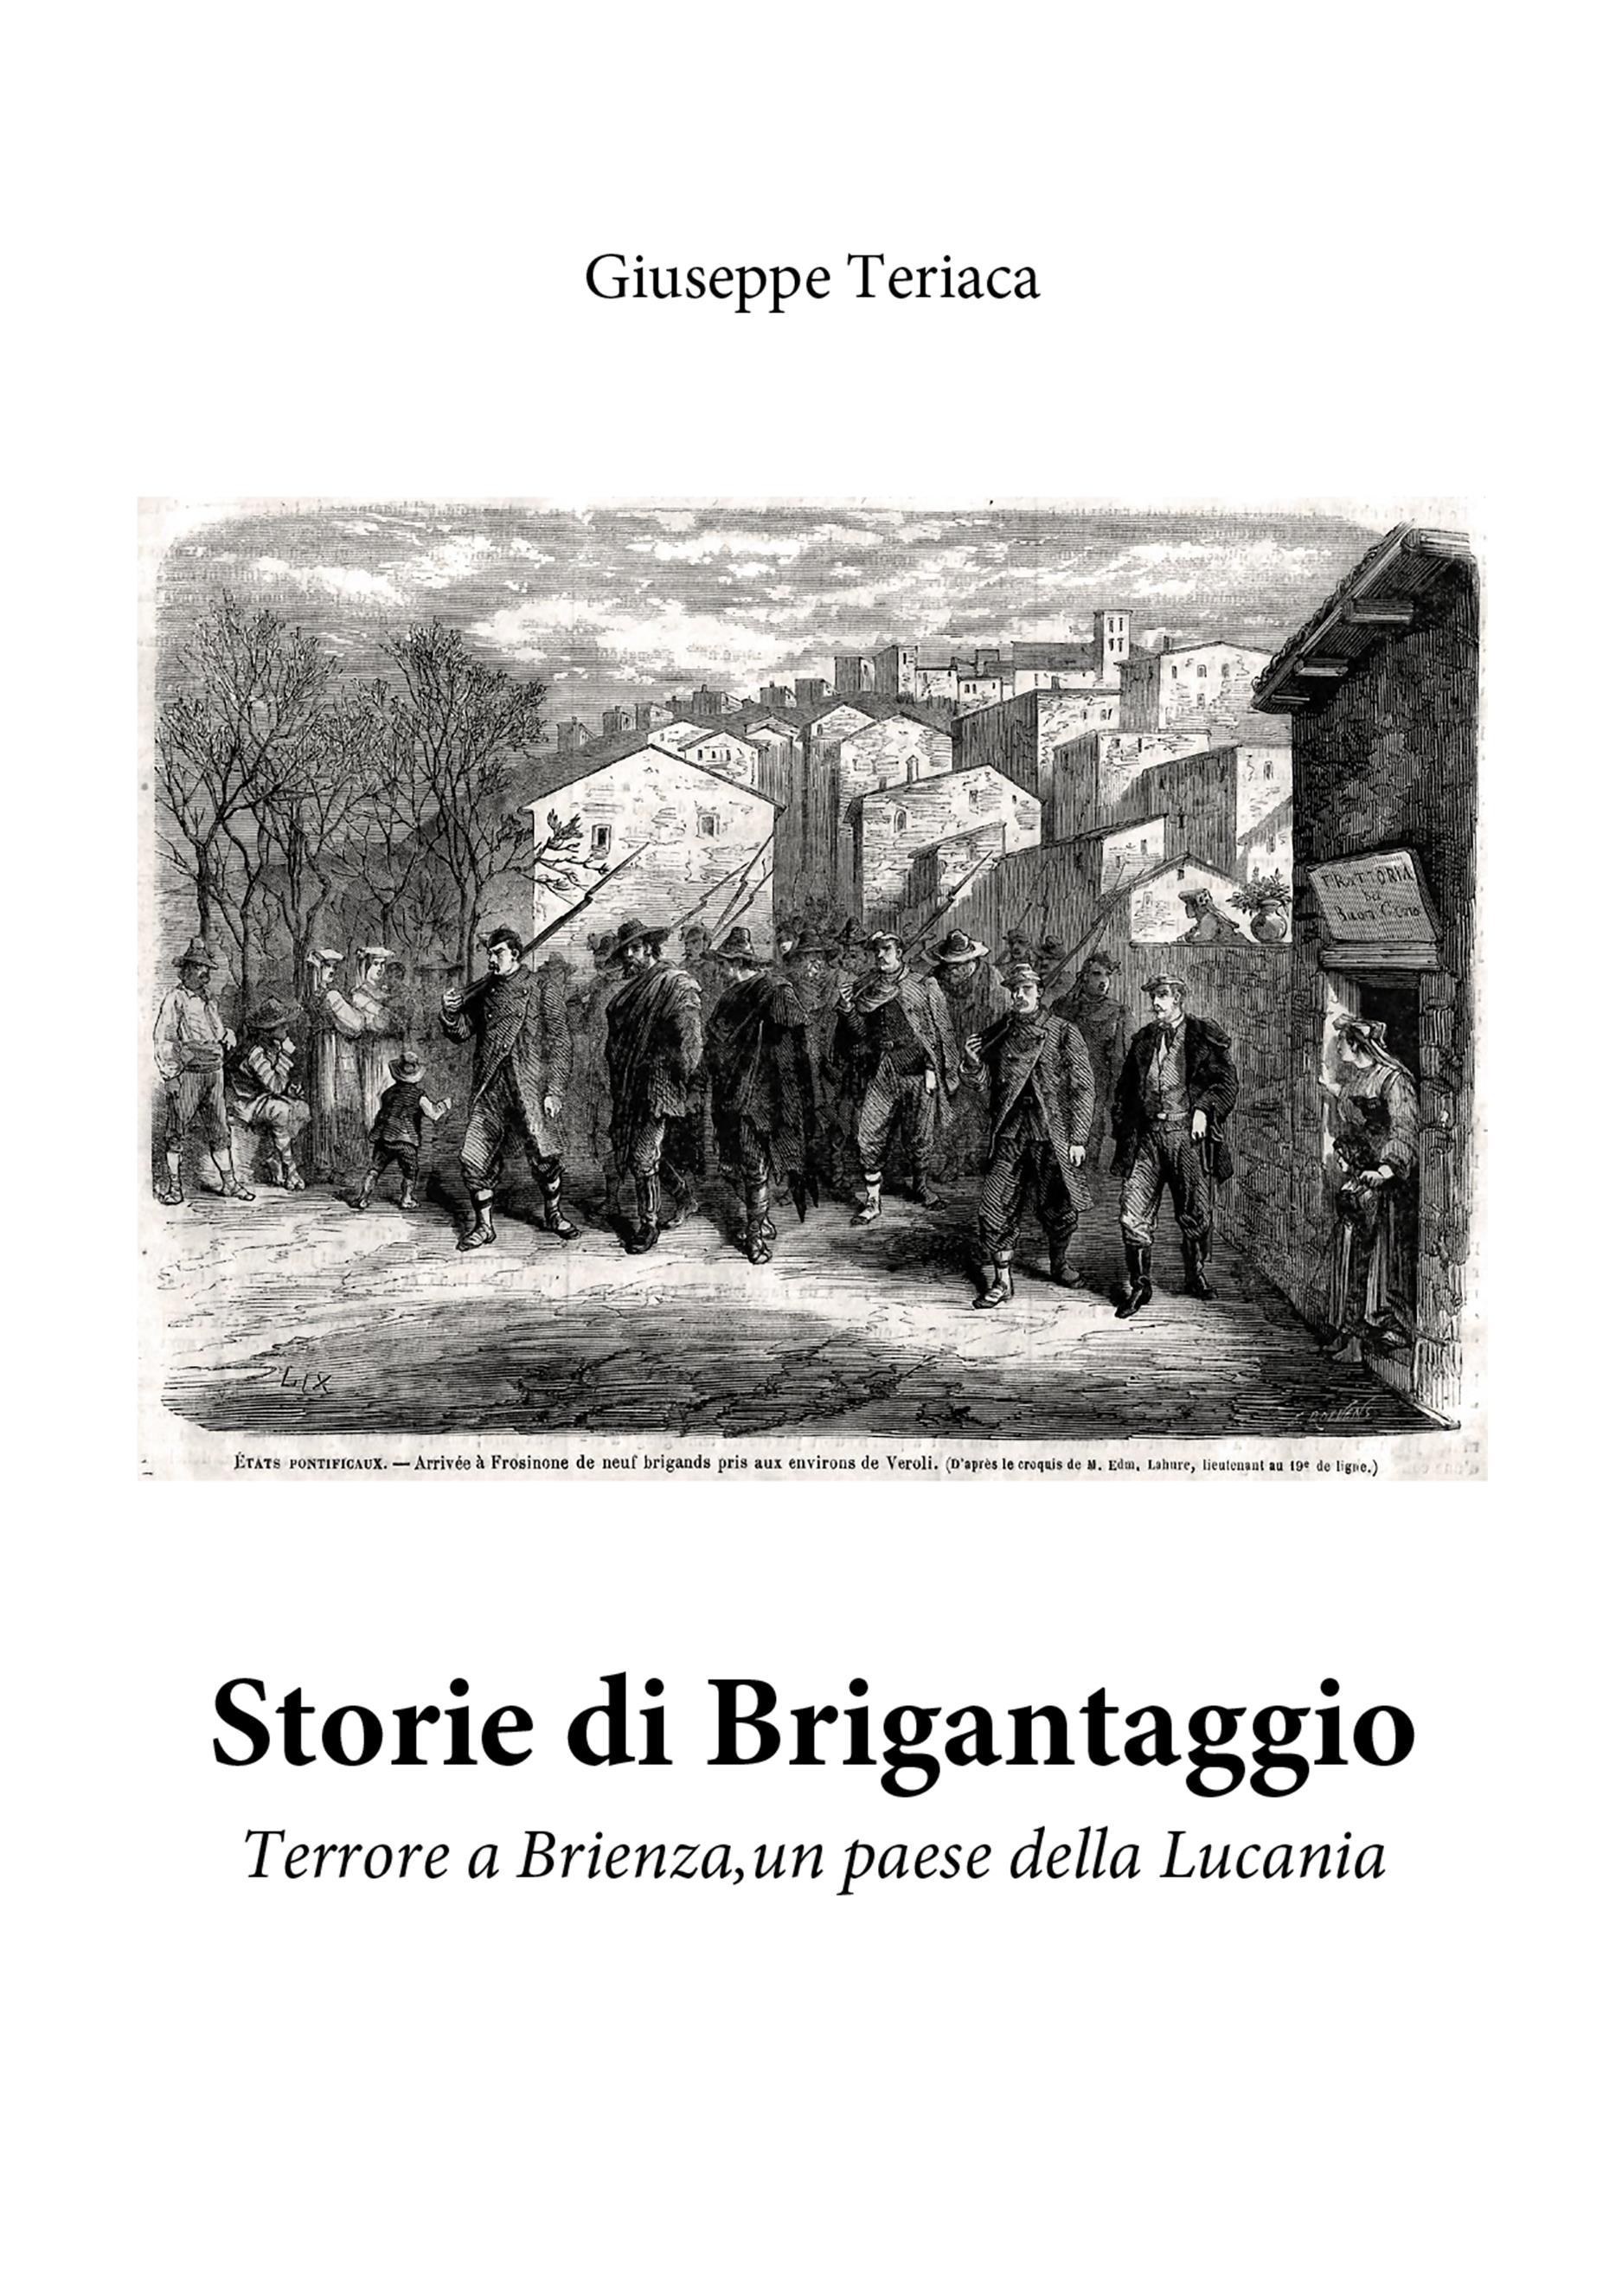 Storie di Brigantaggio. Terrore a Brienza, un paese della Lucania